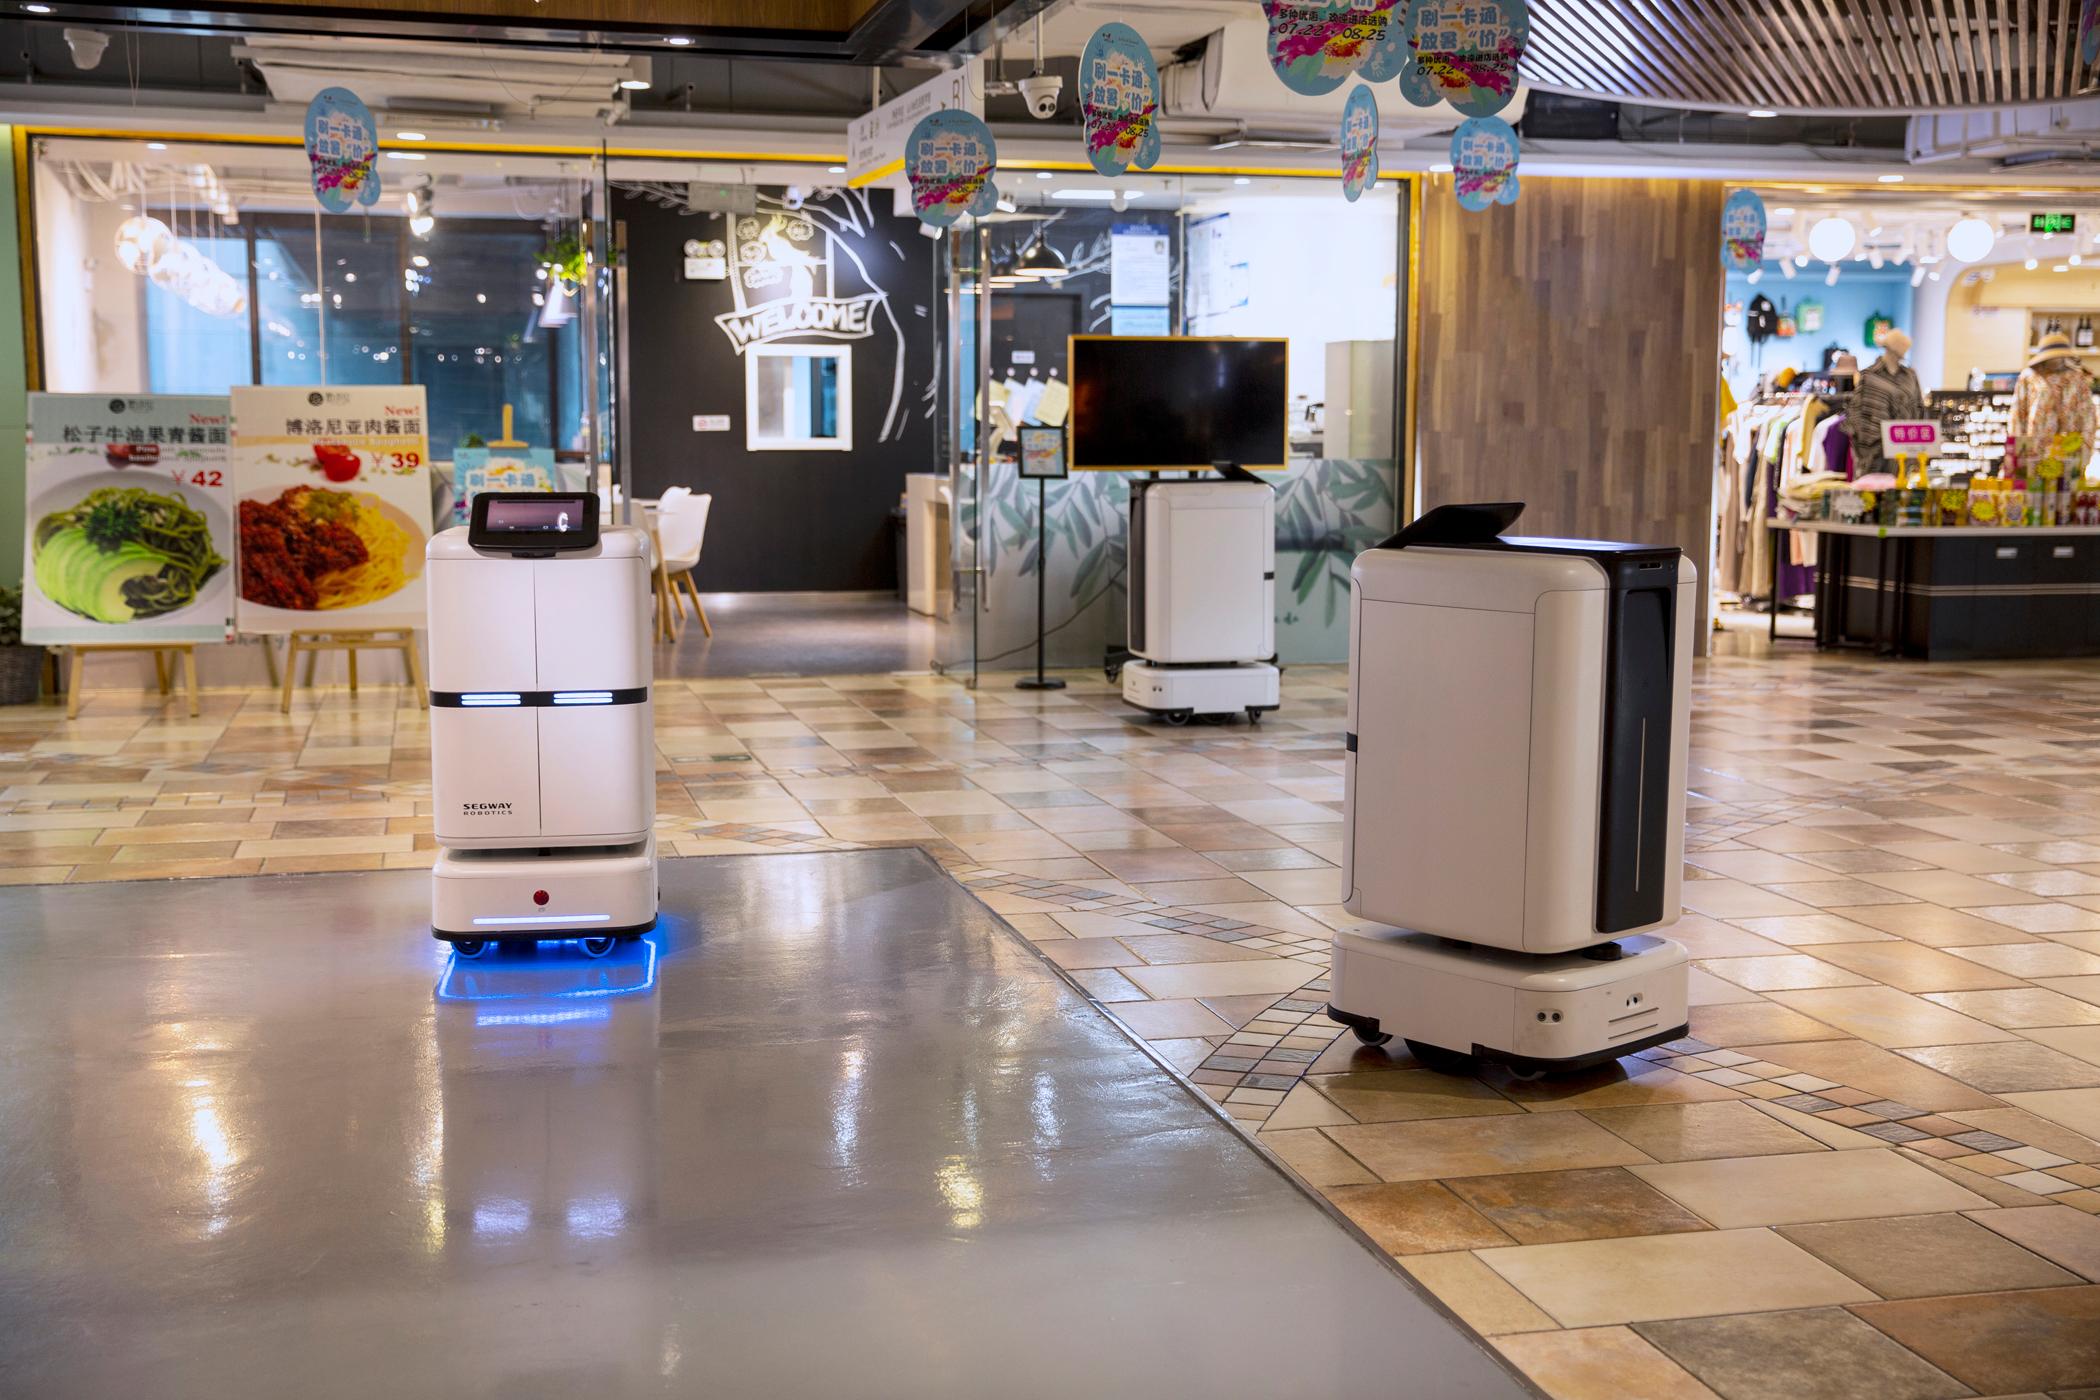 2020人工智能峰会正式召开!九号机器人聚力AI,助力跨产业发展